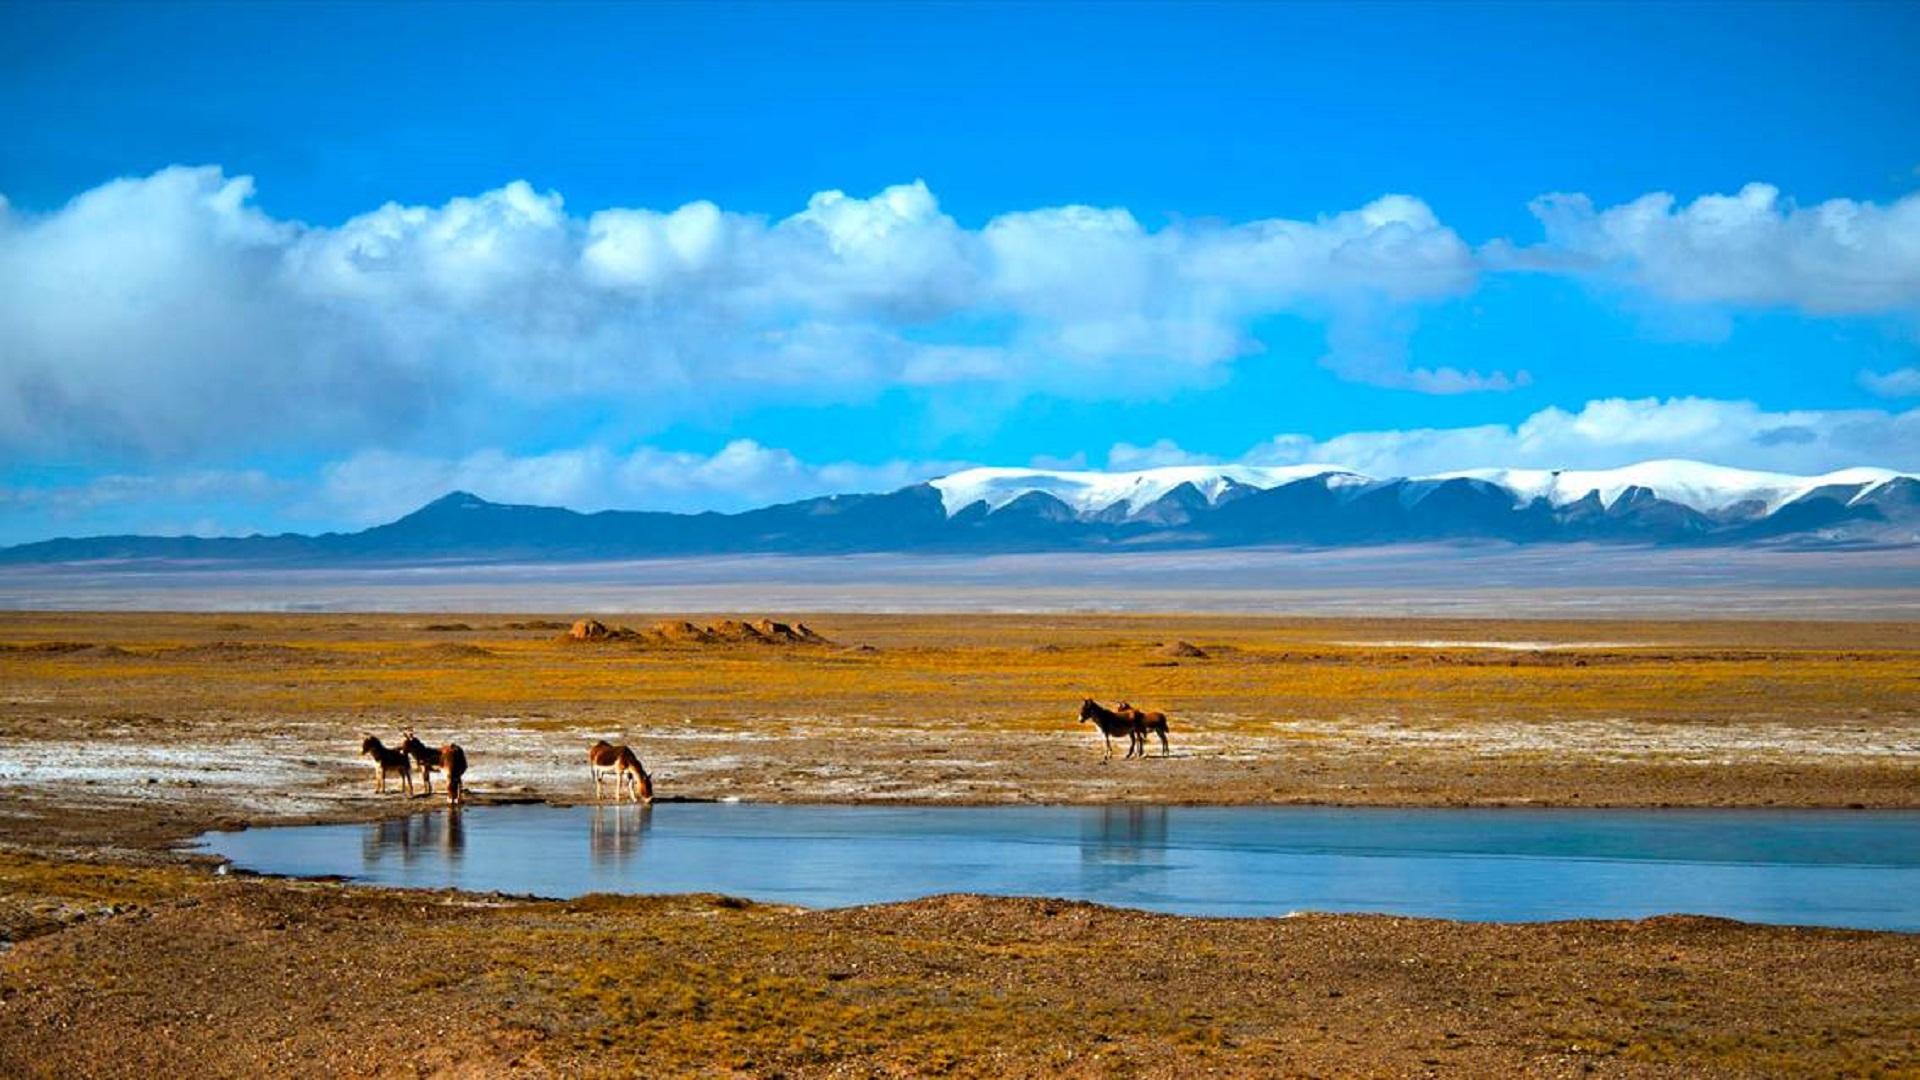 成就中国10部大片的美景之可可西里